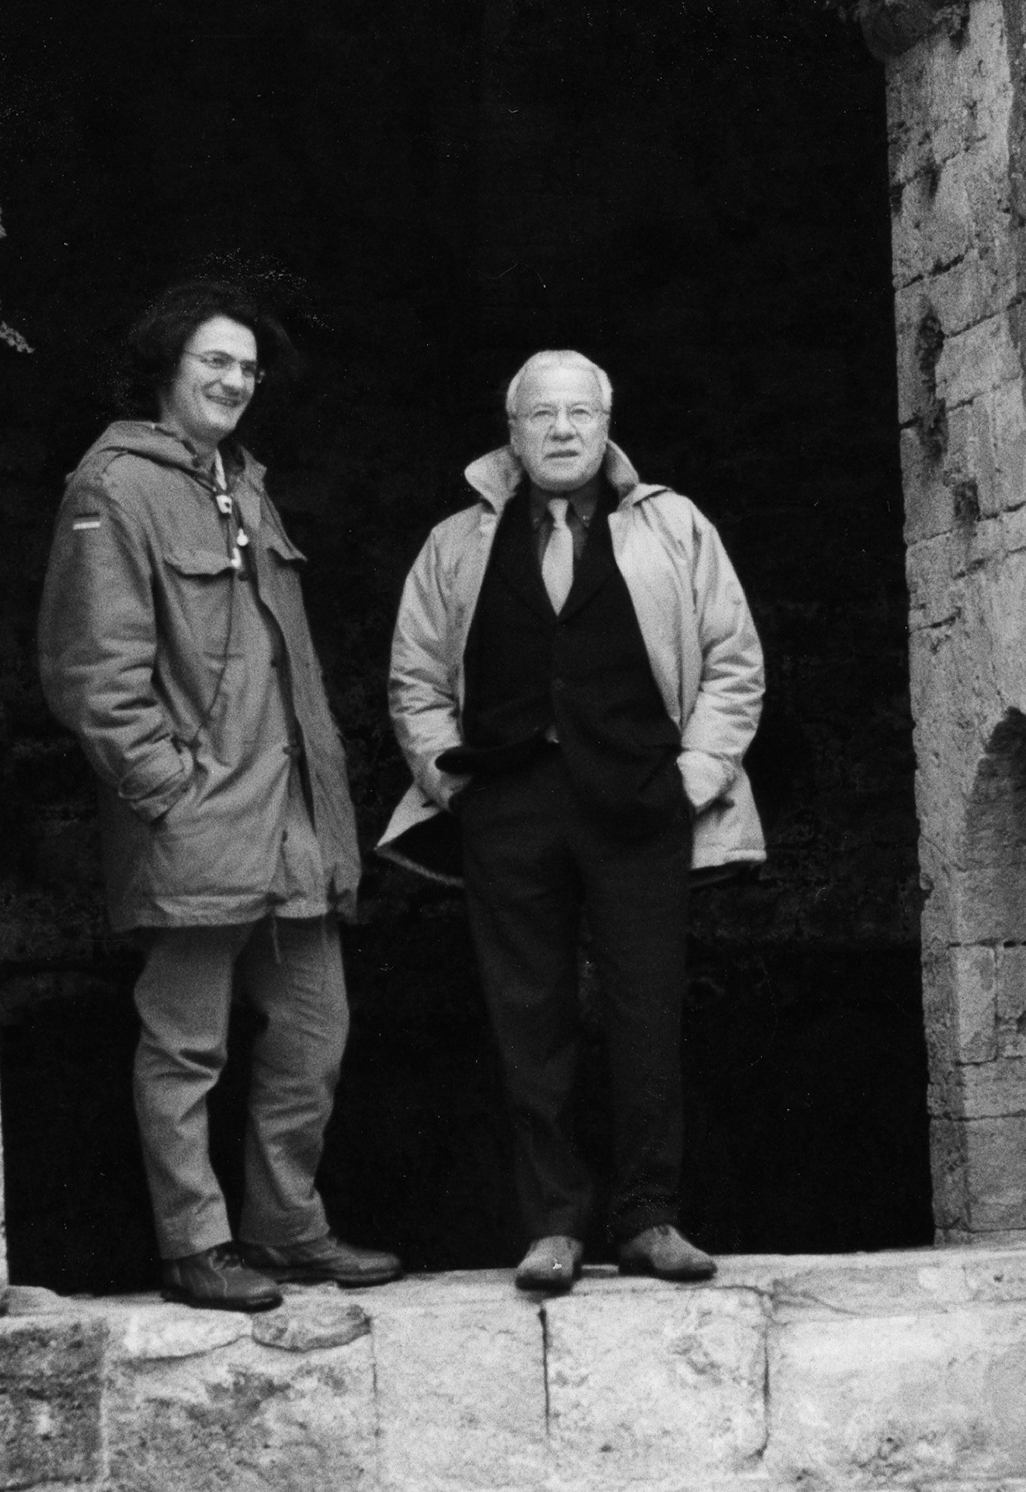 Mario Cristiani e Achille Bonito Oliva